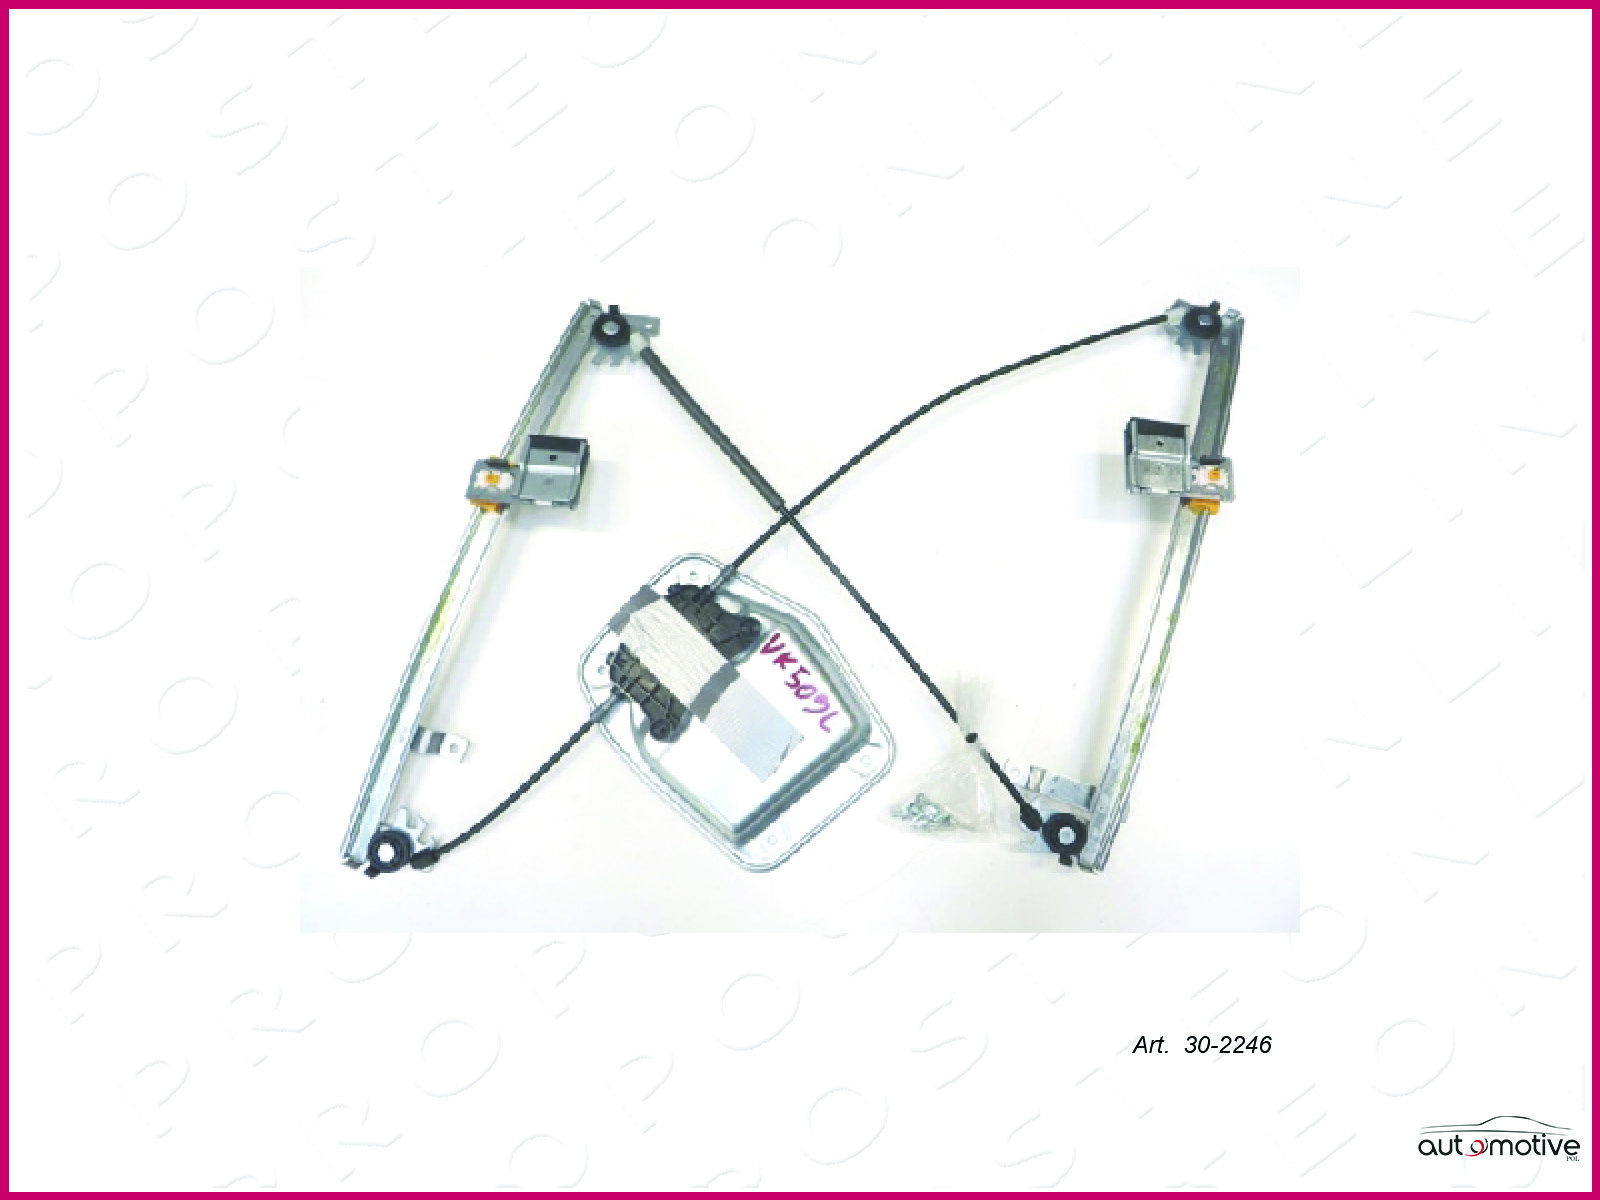 Panneau-Mecanisme-Vitres-Electriques-Anterieur-Droit-Volkswagen-Golf-V-5P-2003